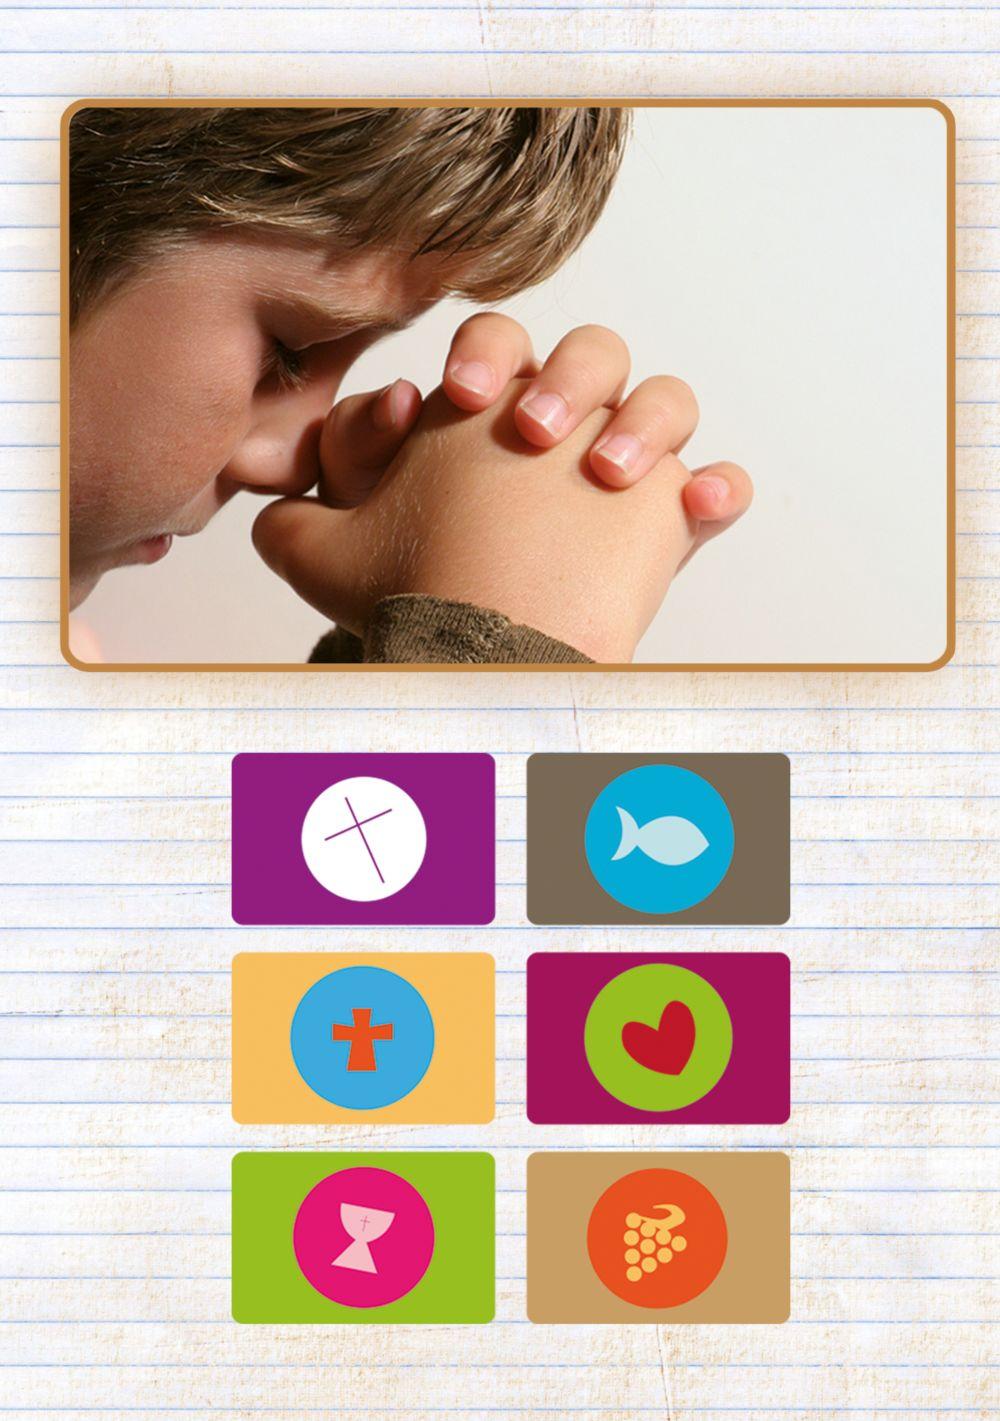 Ansicht 4 - Konfirmation Dankeskarte buttons